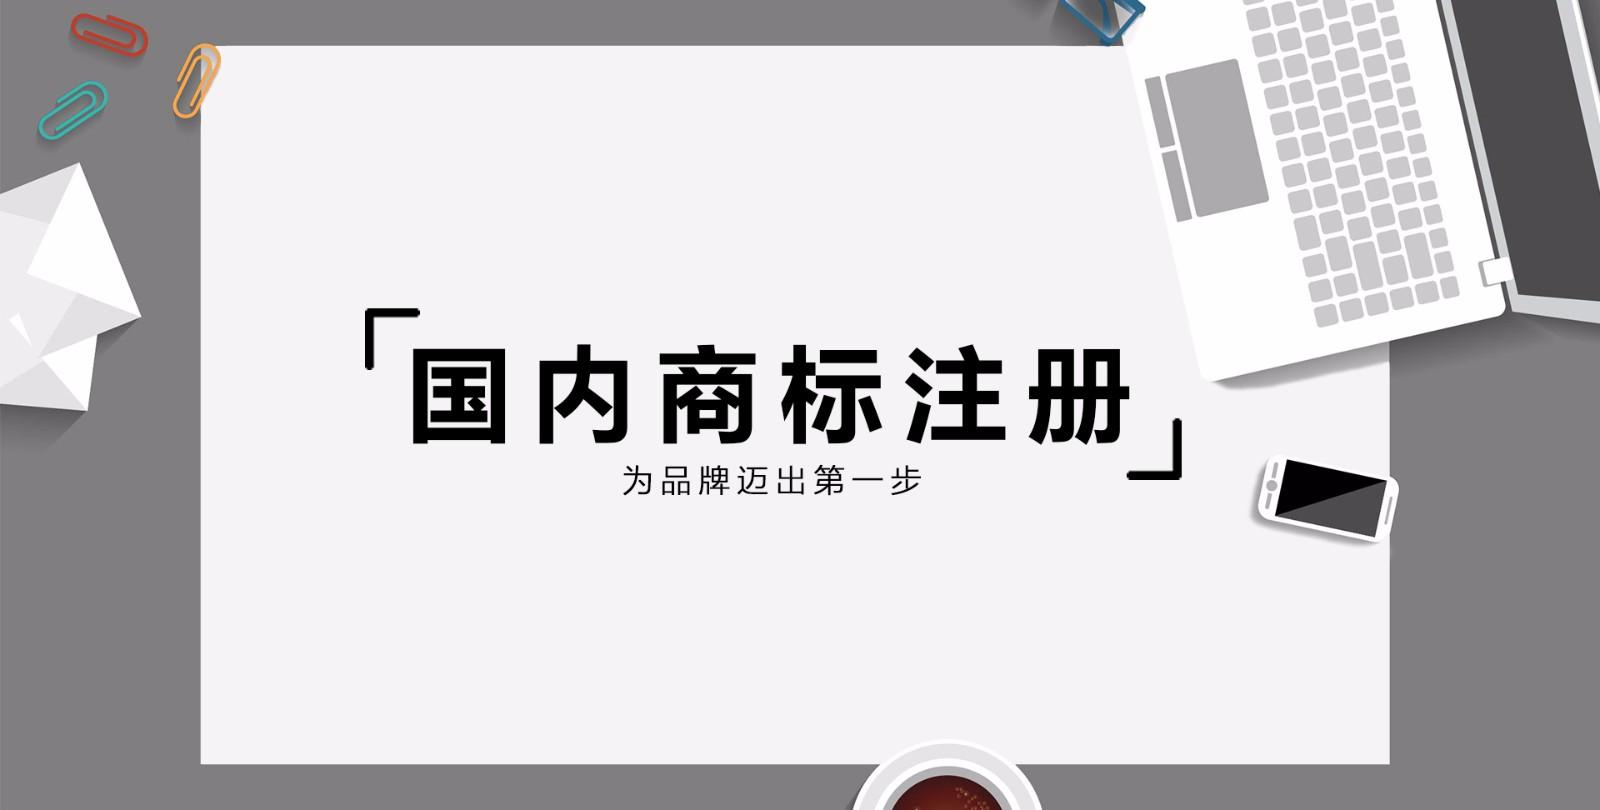 武汉商标注册_国内商标注册_武汉万创企业管理有限公司